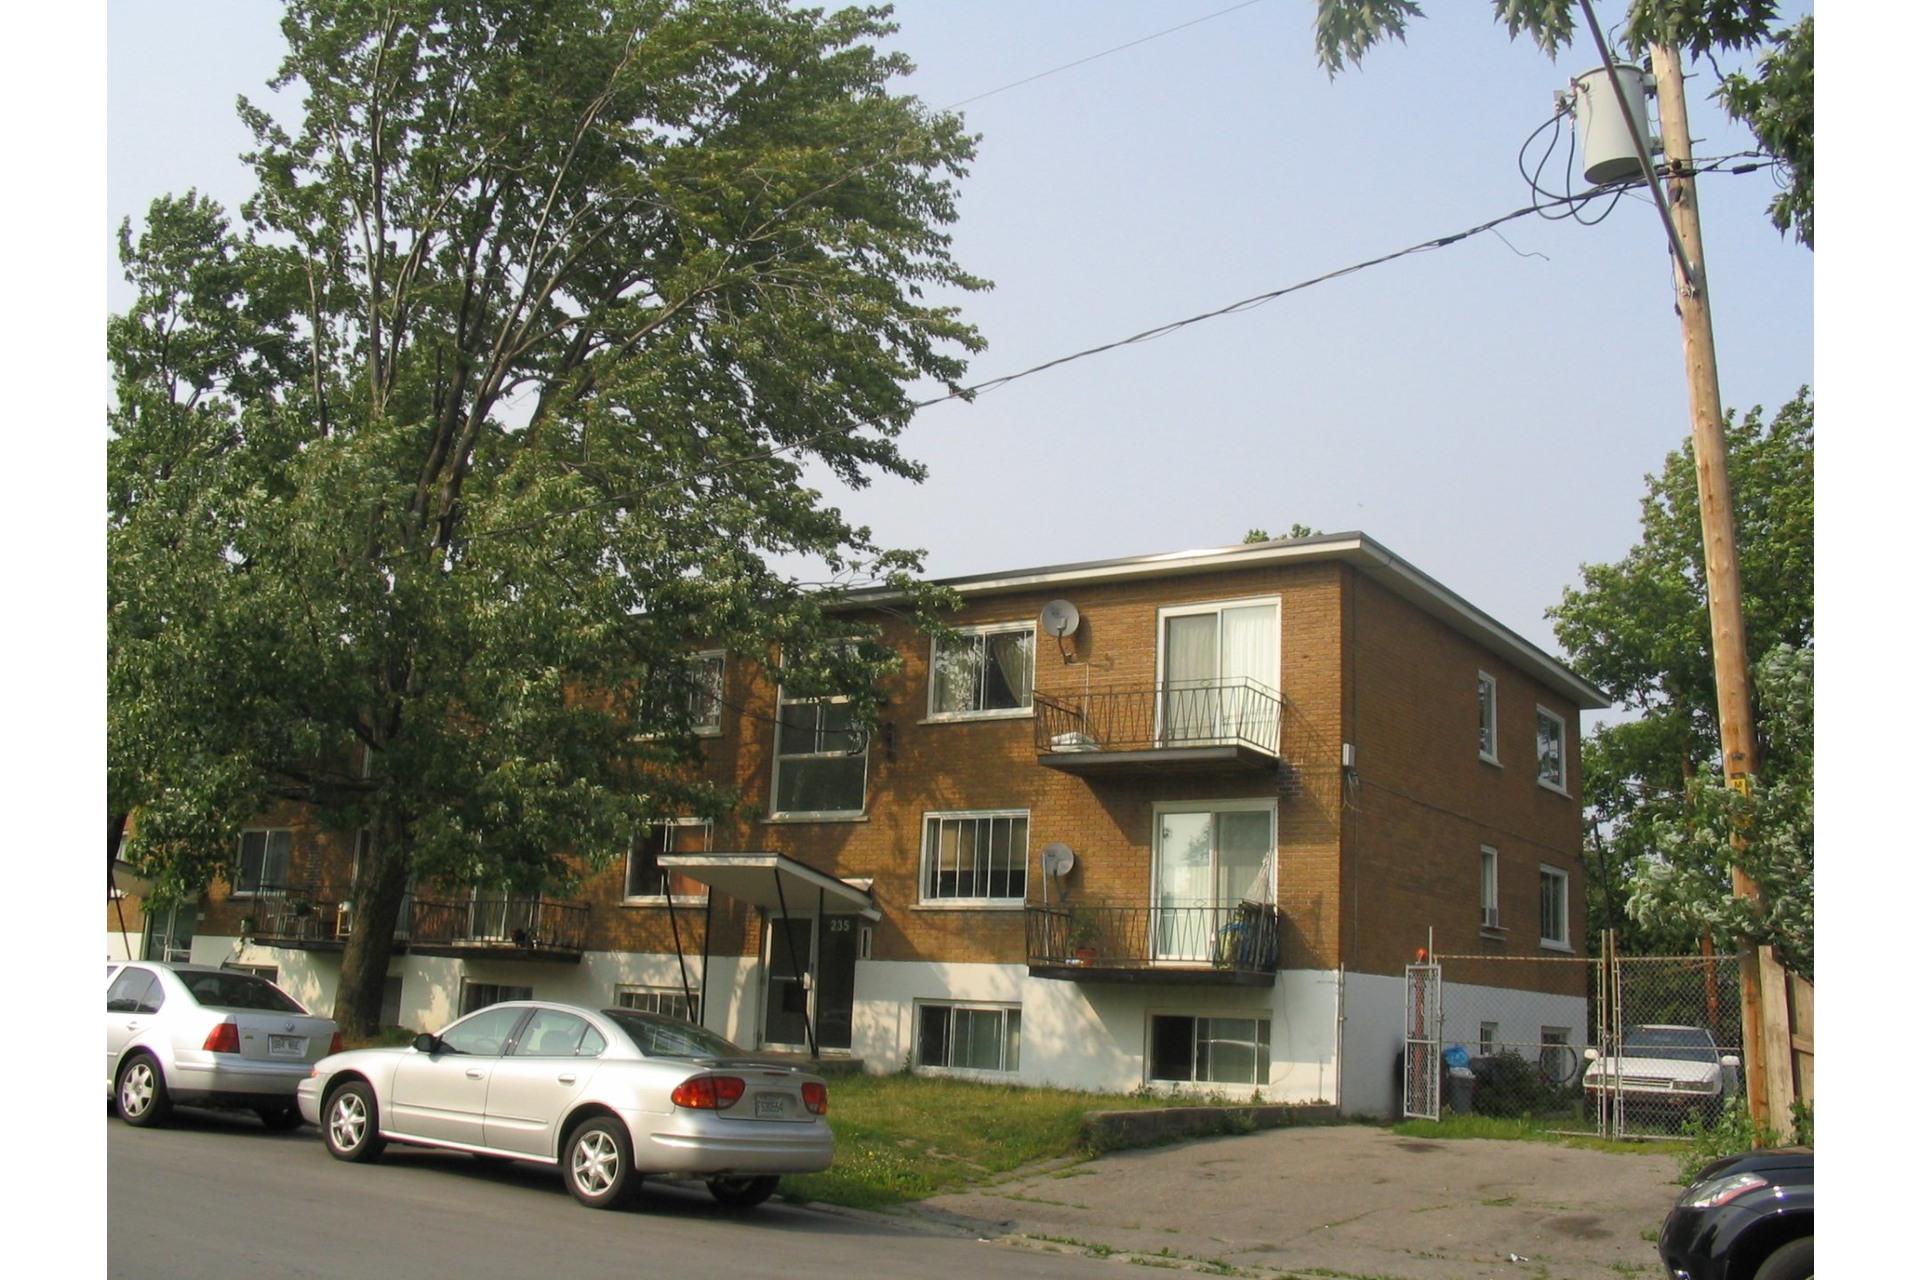 image 8 - Immeuble à revenus À vendre Duvernay Laval  - 5 pièces